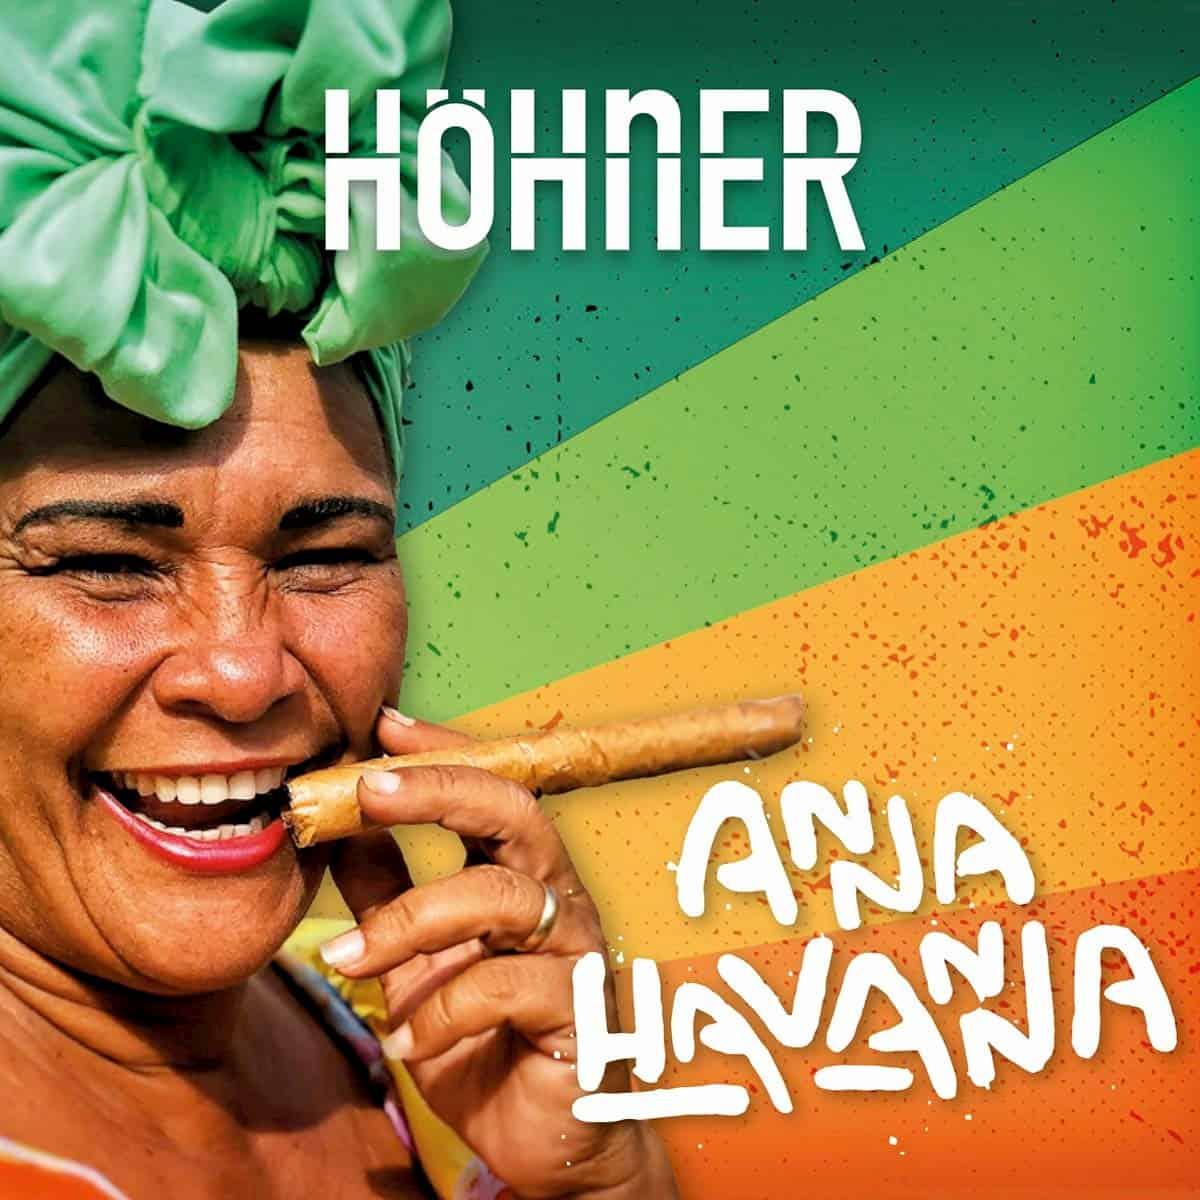 Höhner - Anna Havanna - Salsa im Kölner Karneval 2019-2020